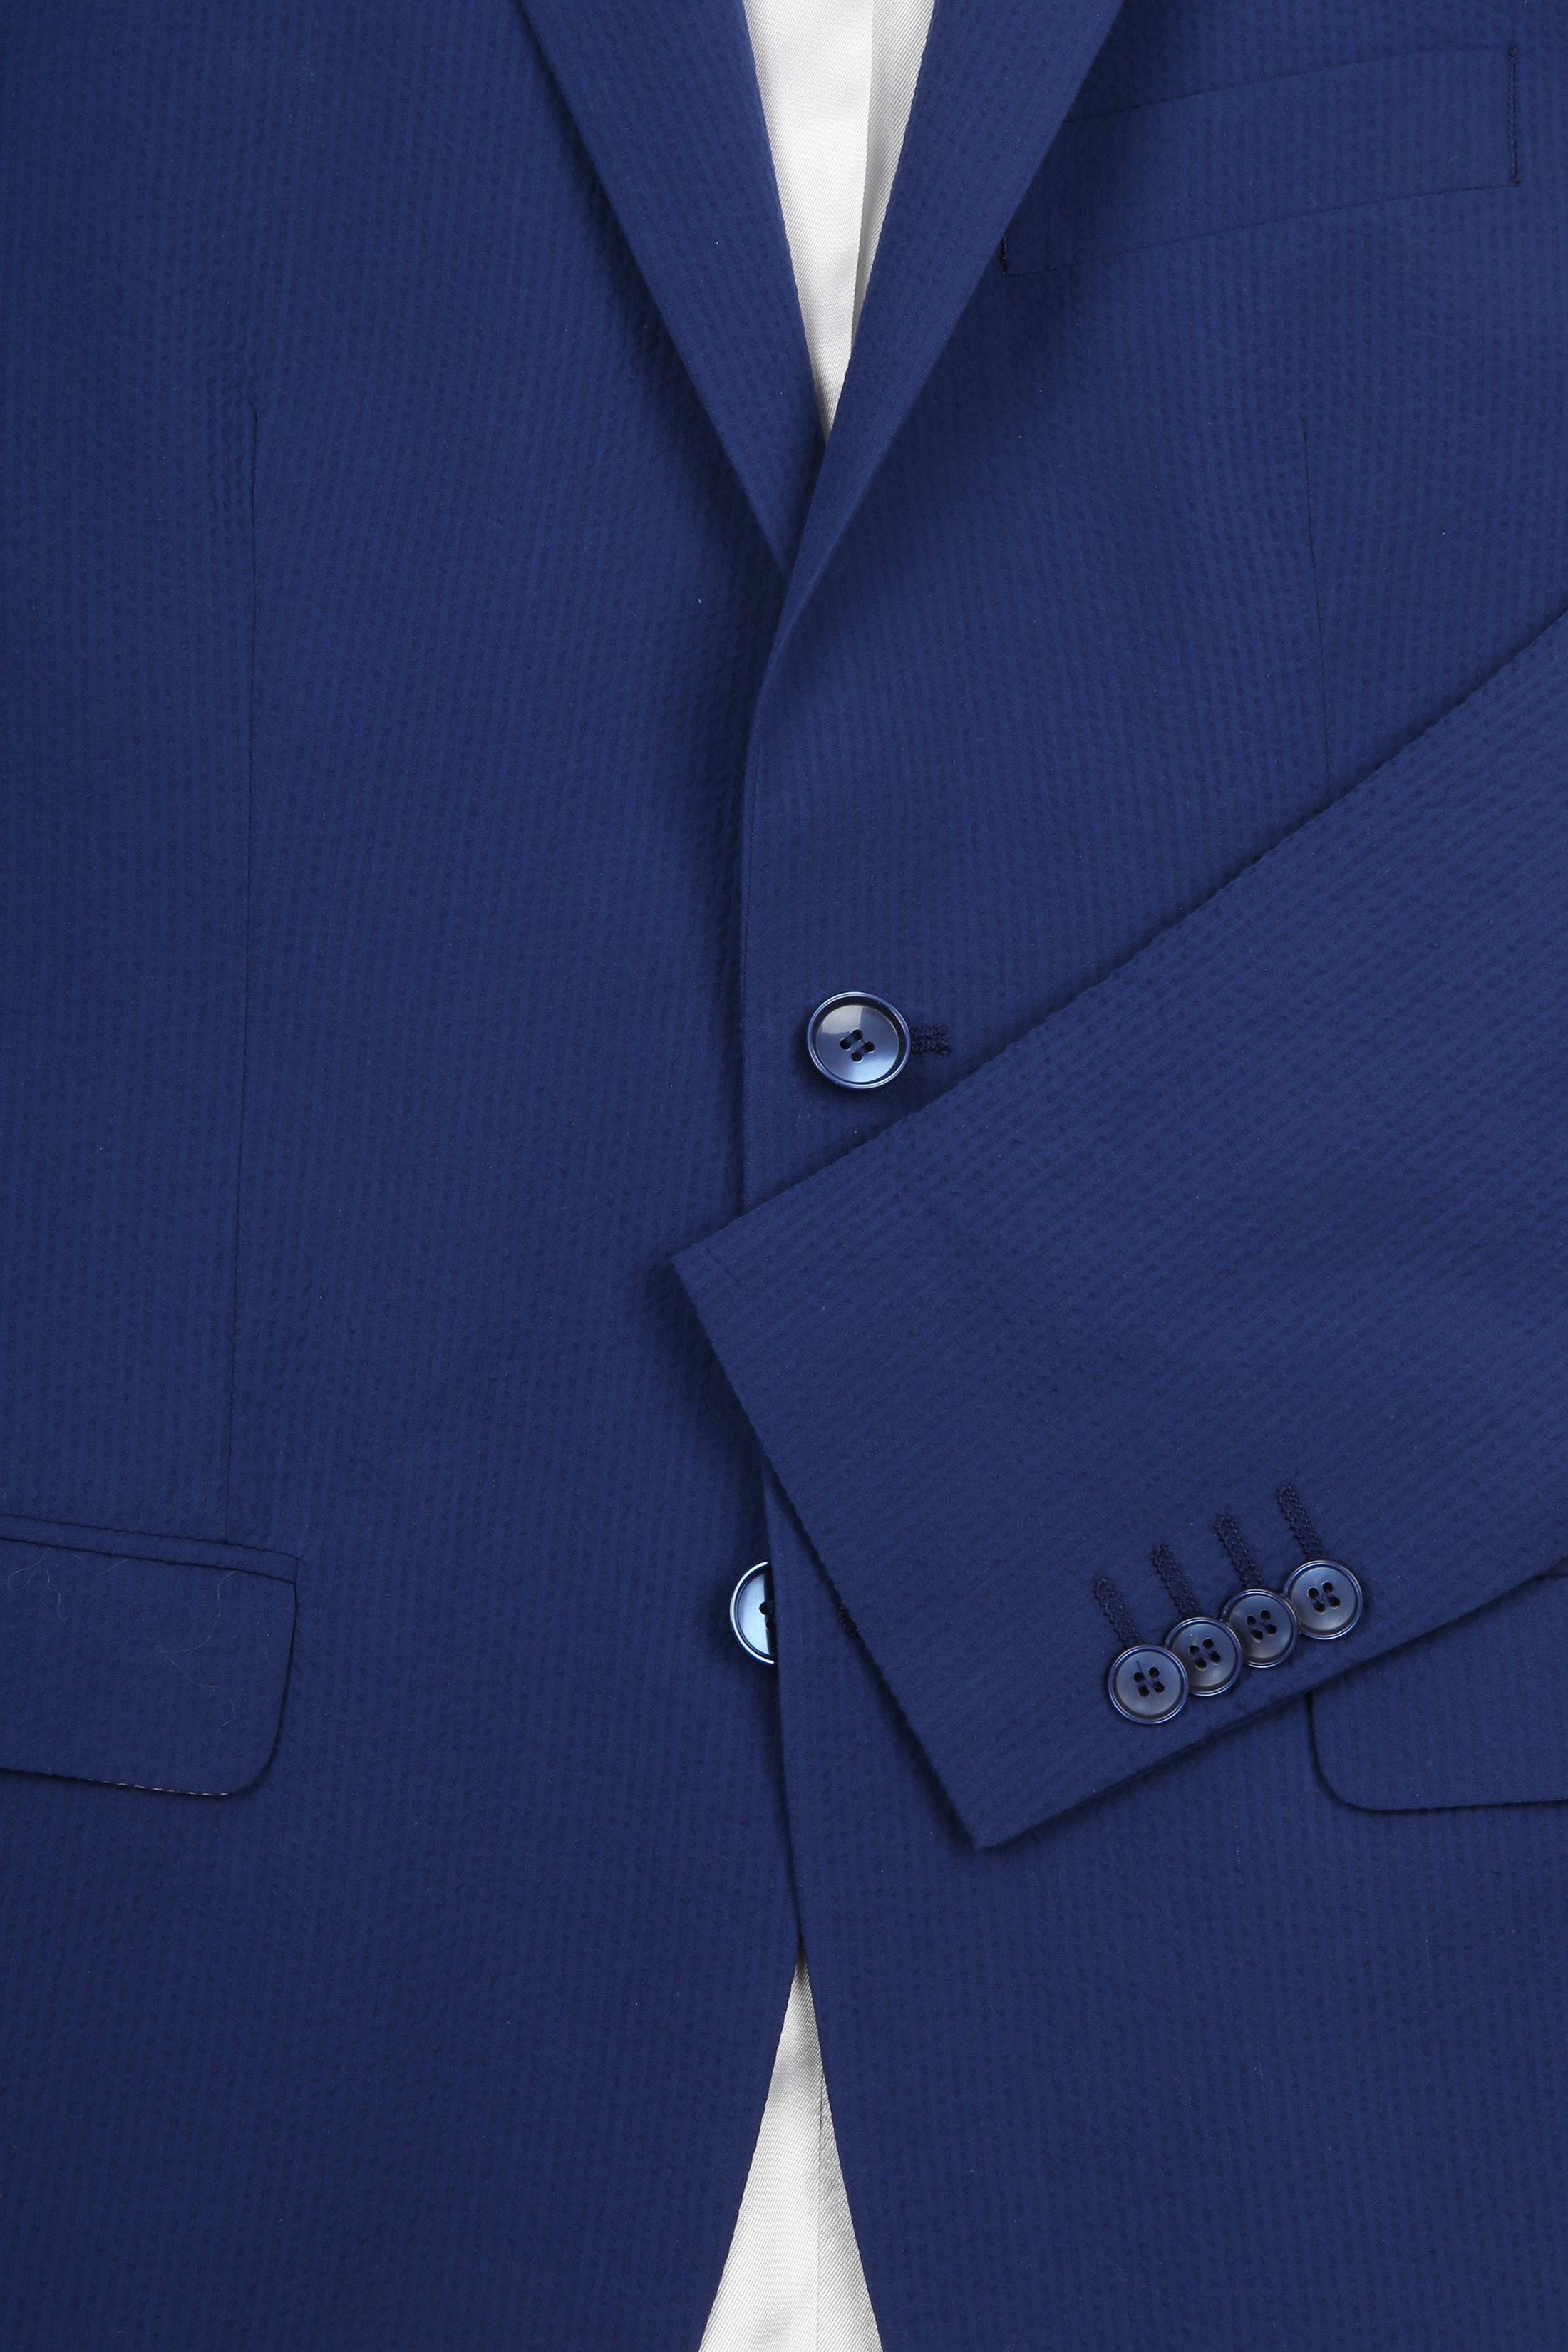 Suitable Blazer Logga Blau foto 1